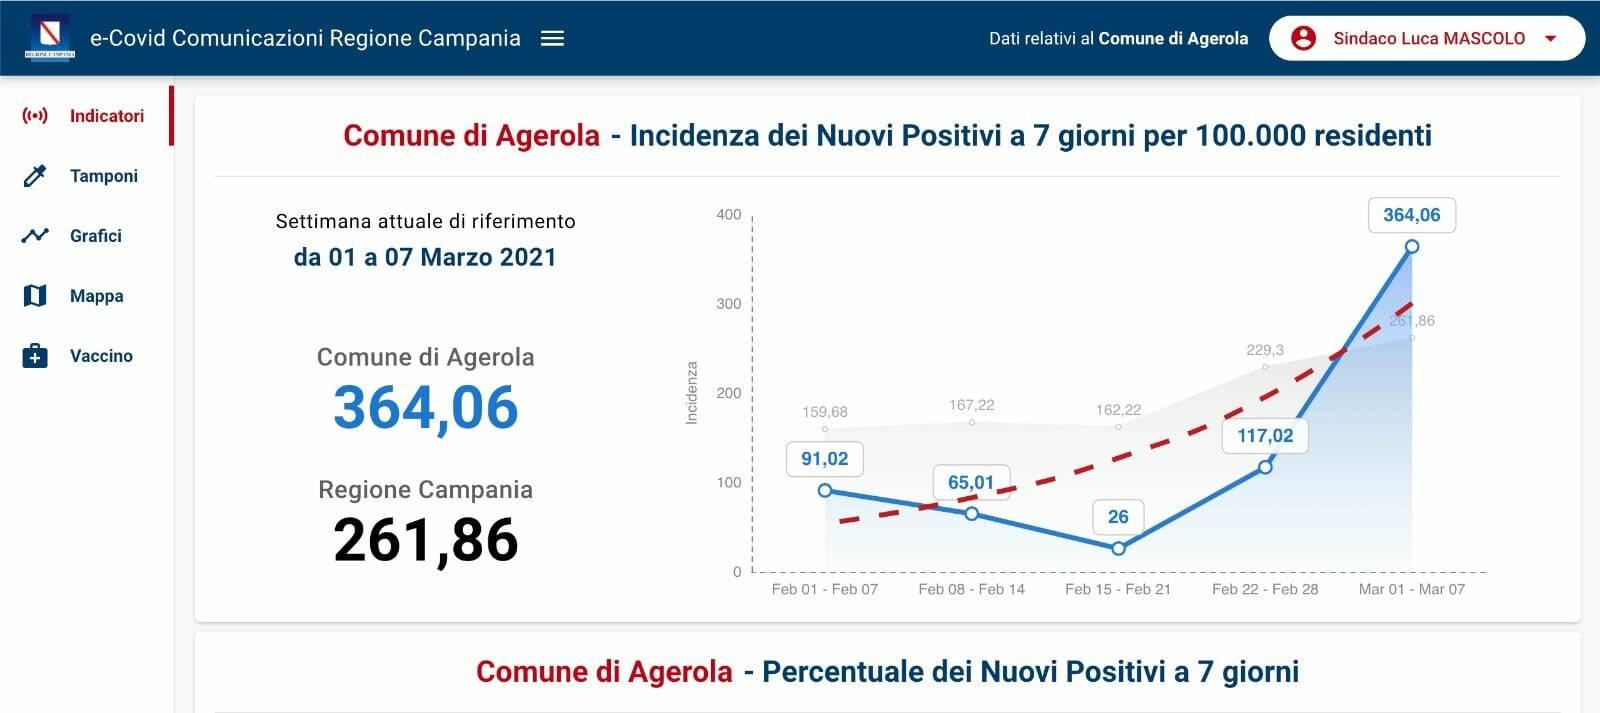 Coronavirus, un nuovo caso positivo ad Agerola: arriva l'alert della Regione